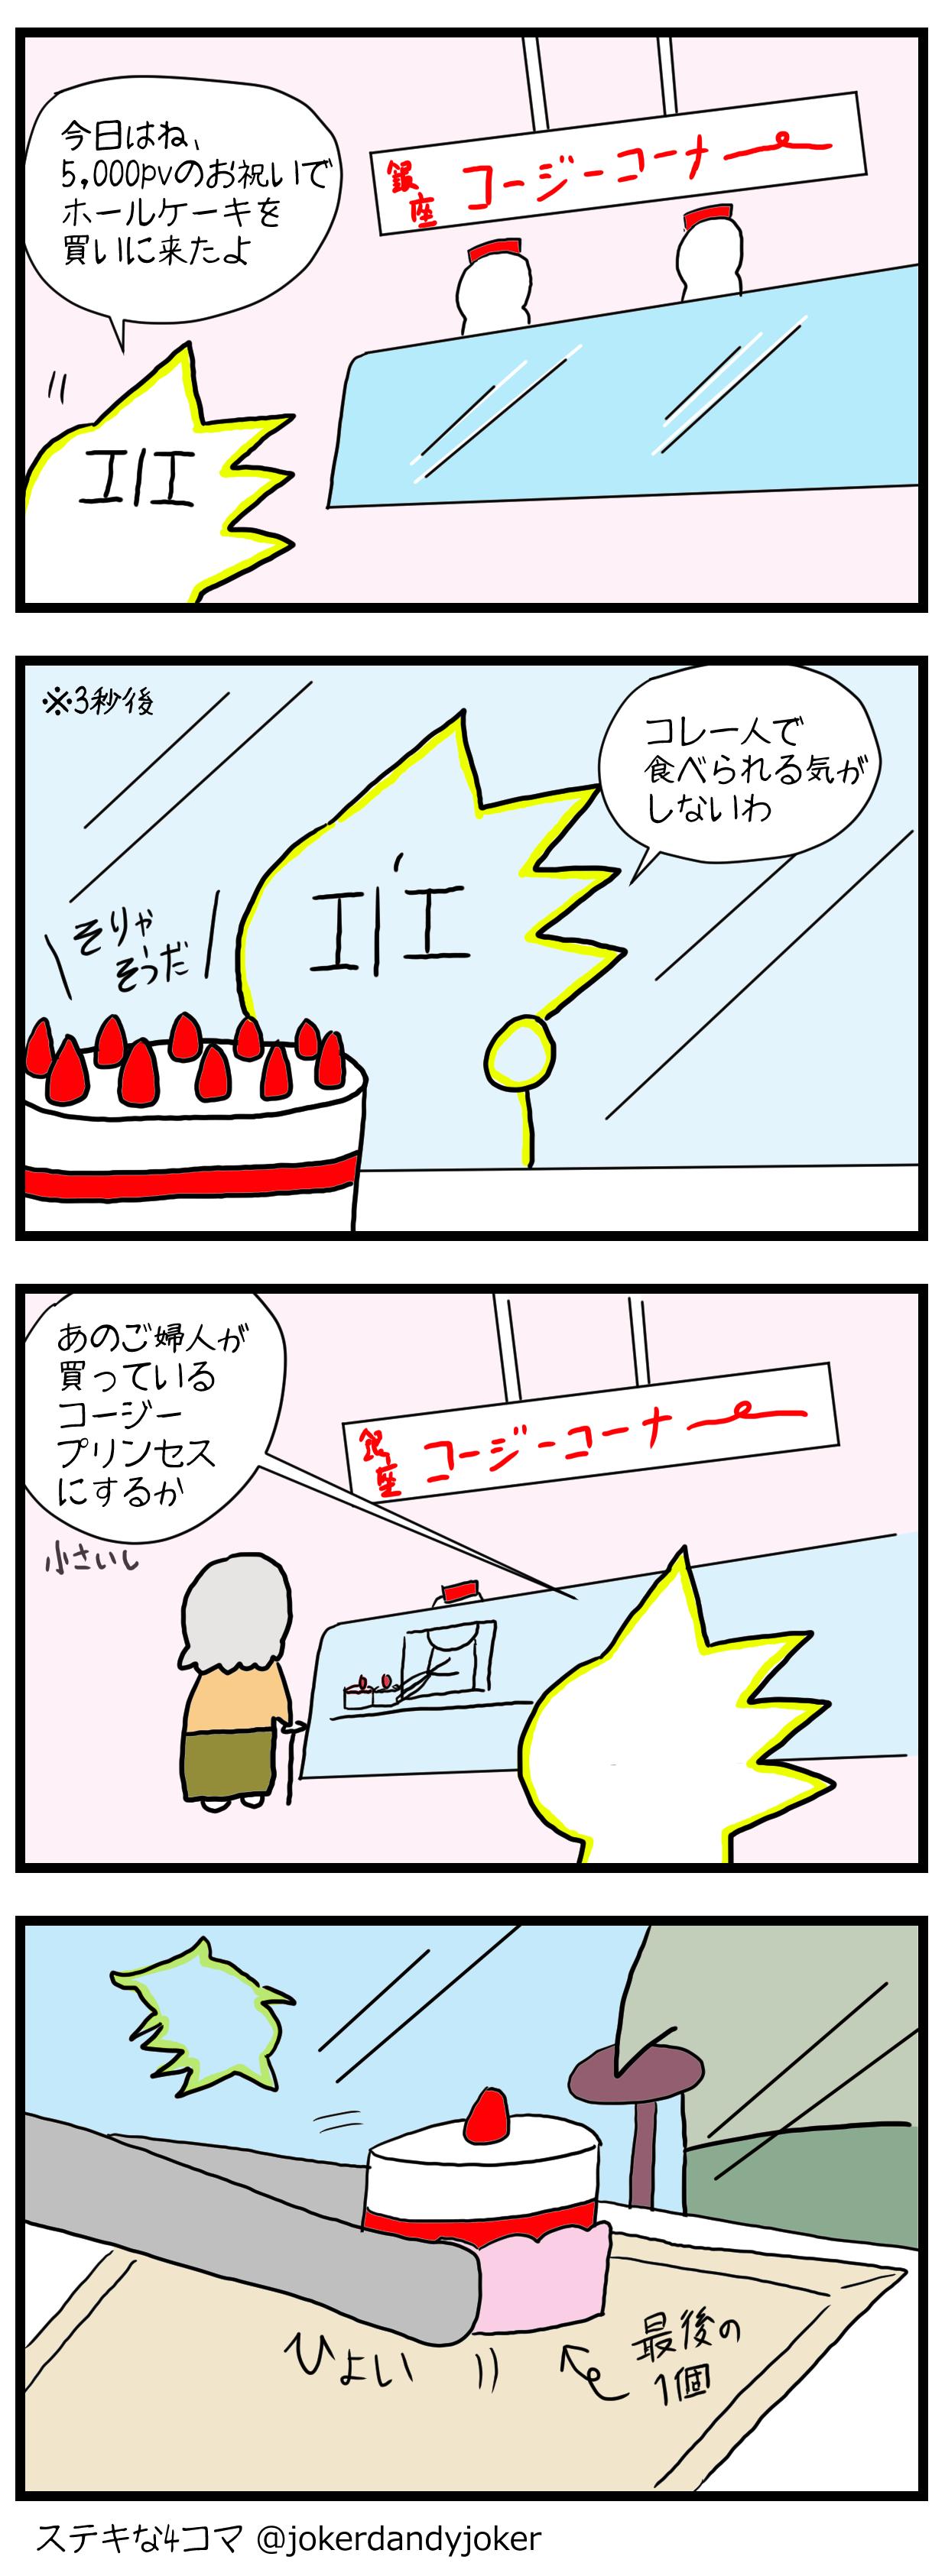 ケーキを買いに行こう